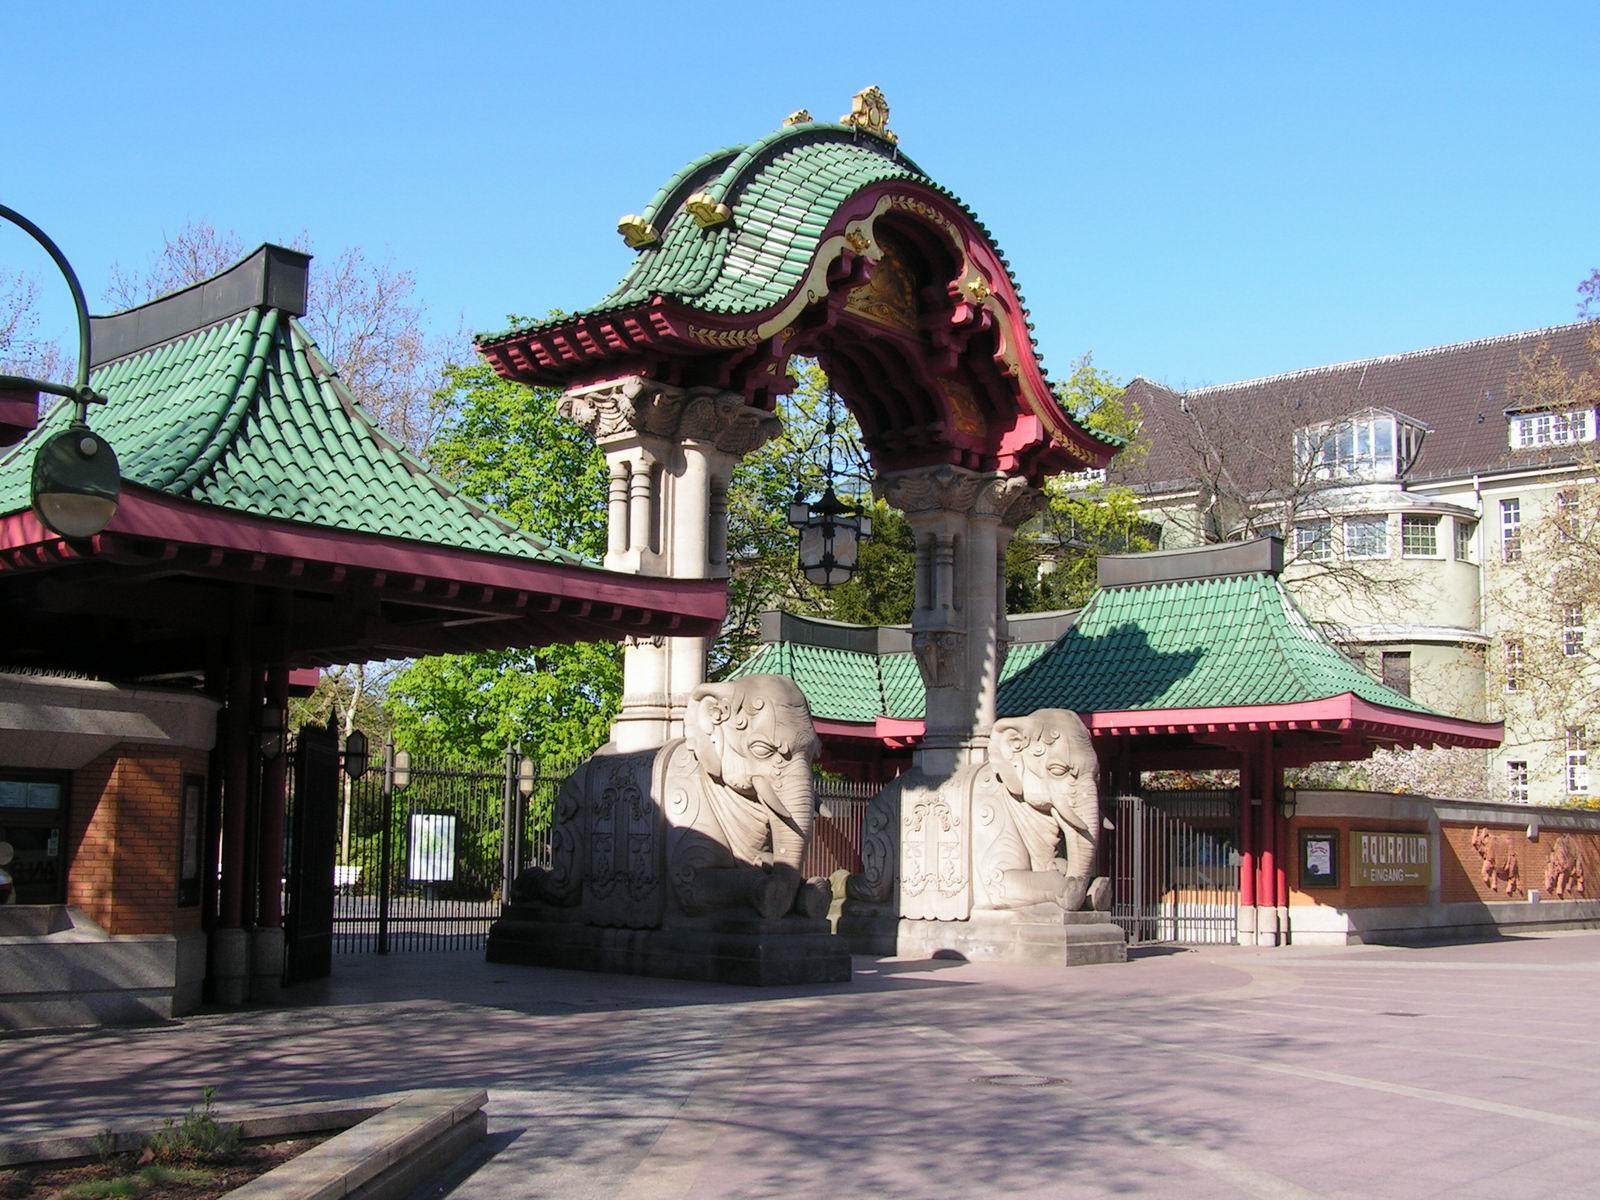 Best Of Zoologischer Garten Berlin Eintritt Tapeten Startseite